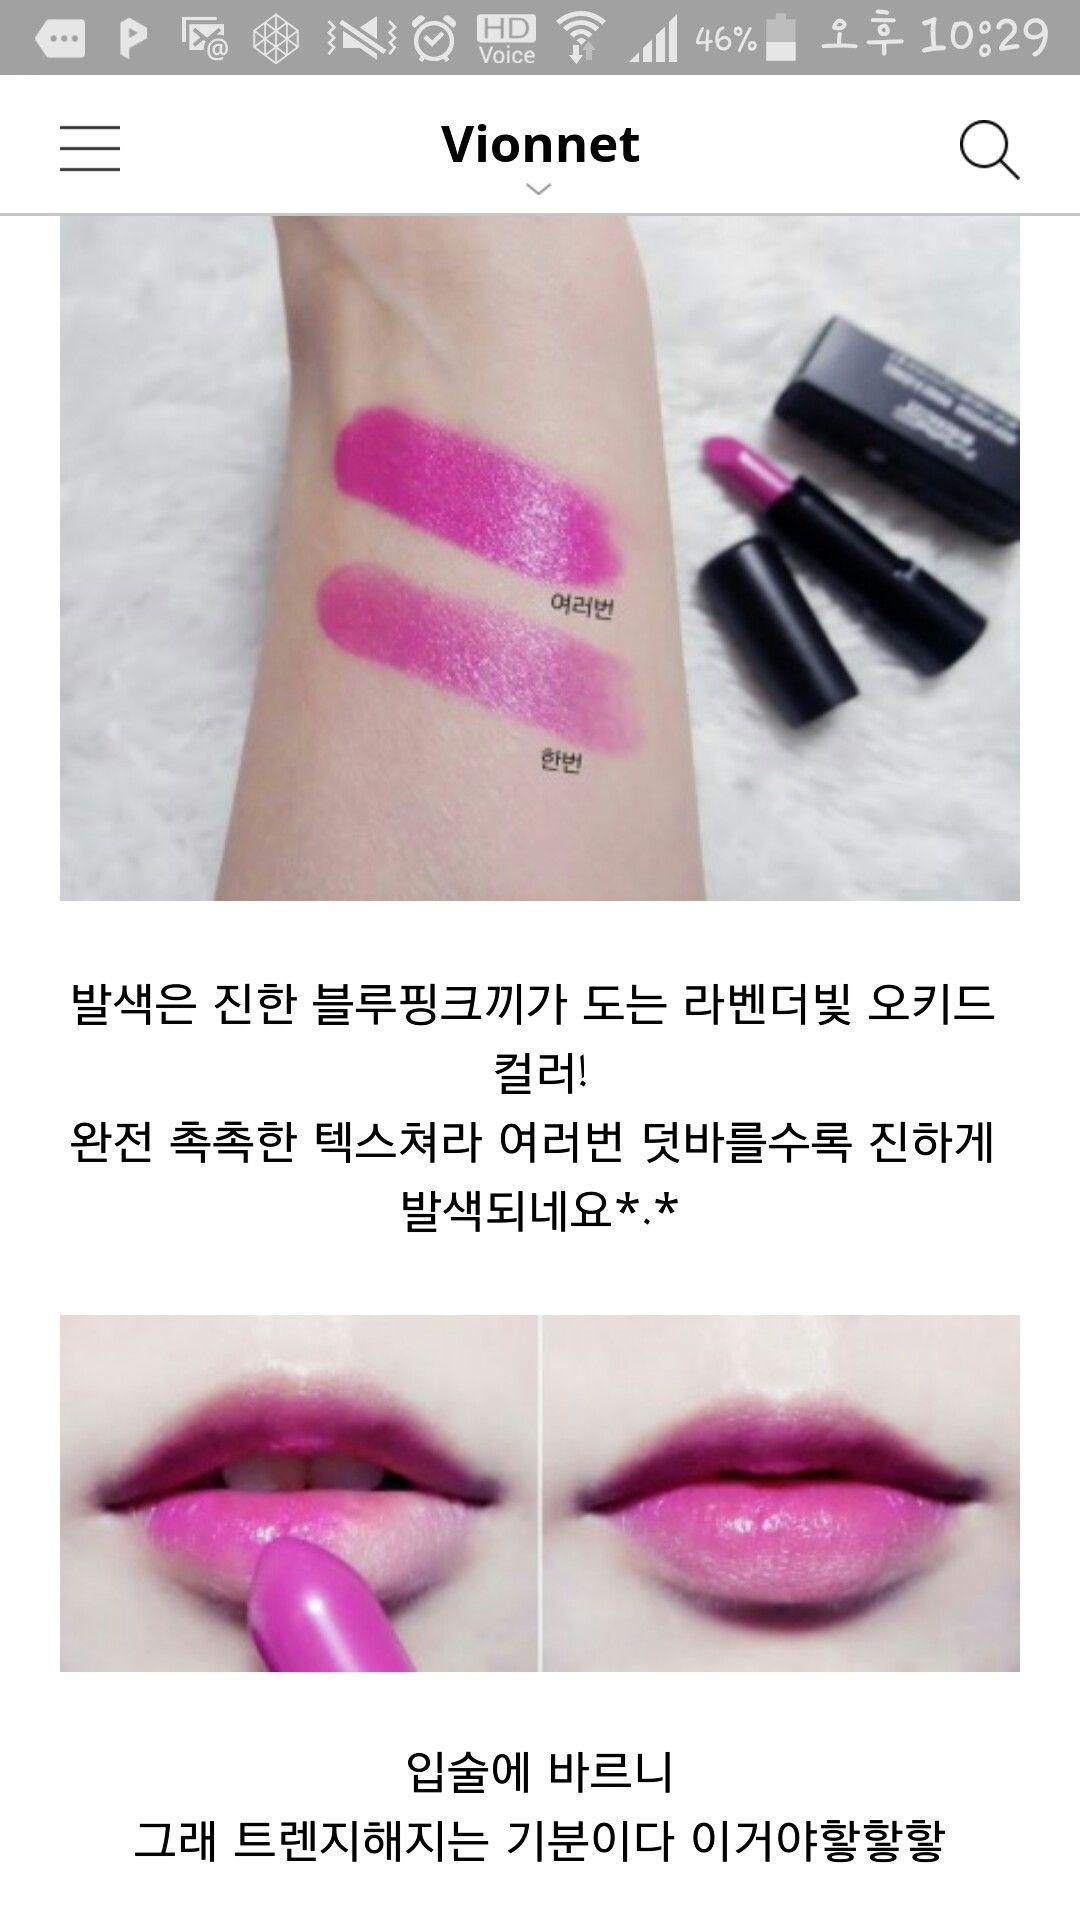 맥 미네랄라이즈 리치 립스틱- 볼드 스프링